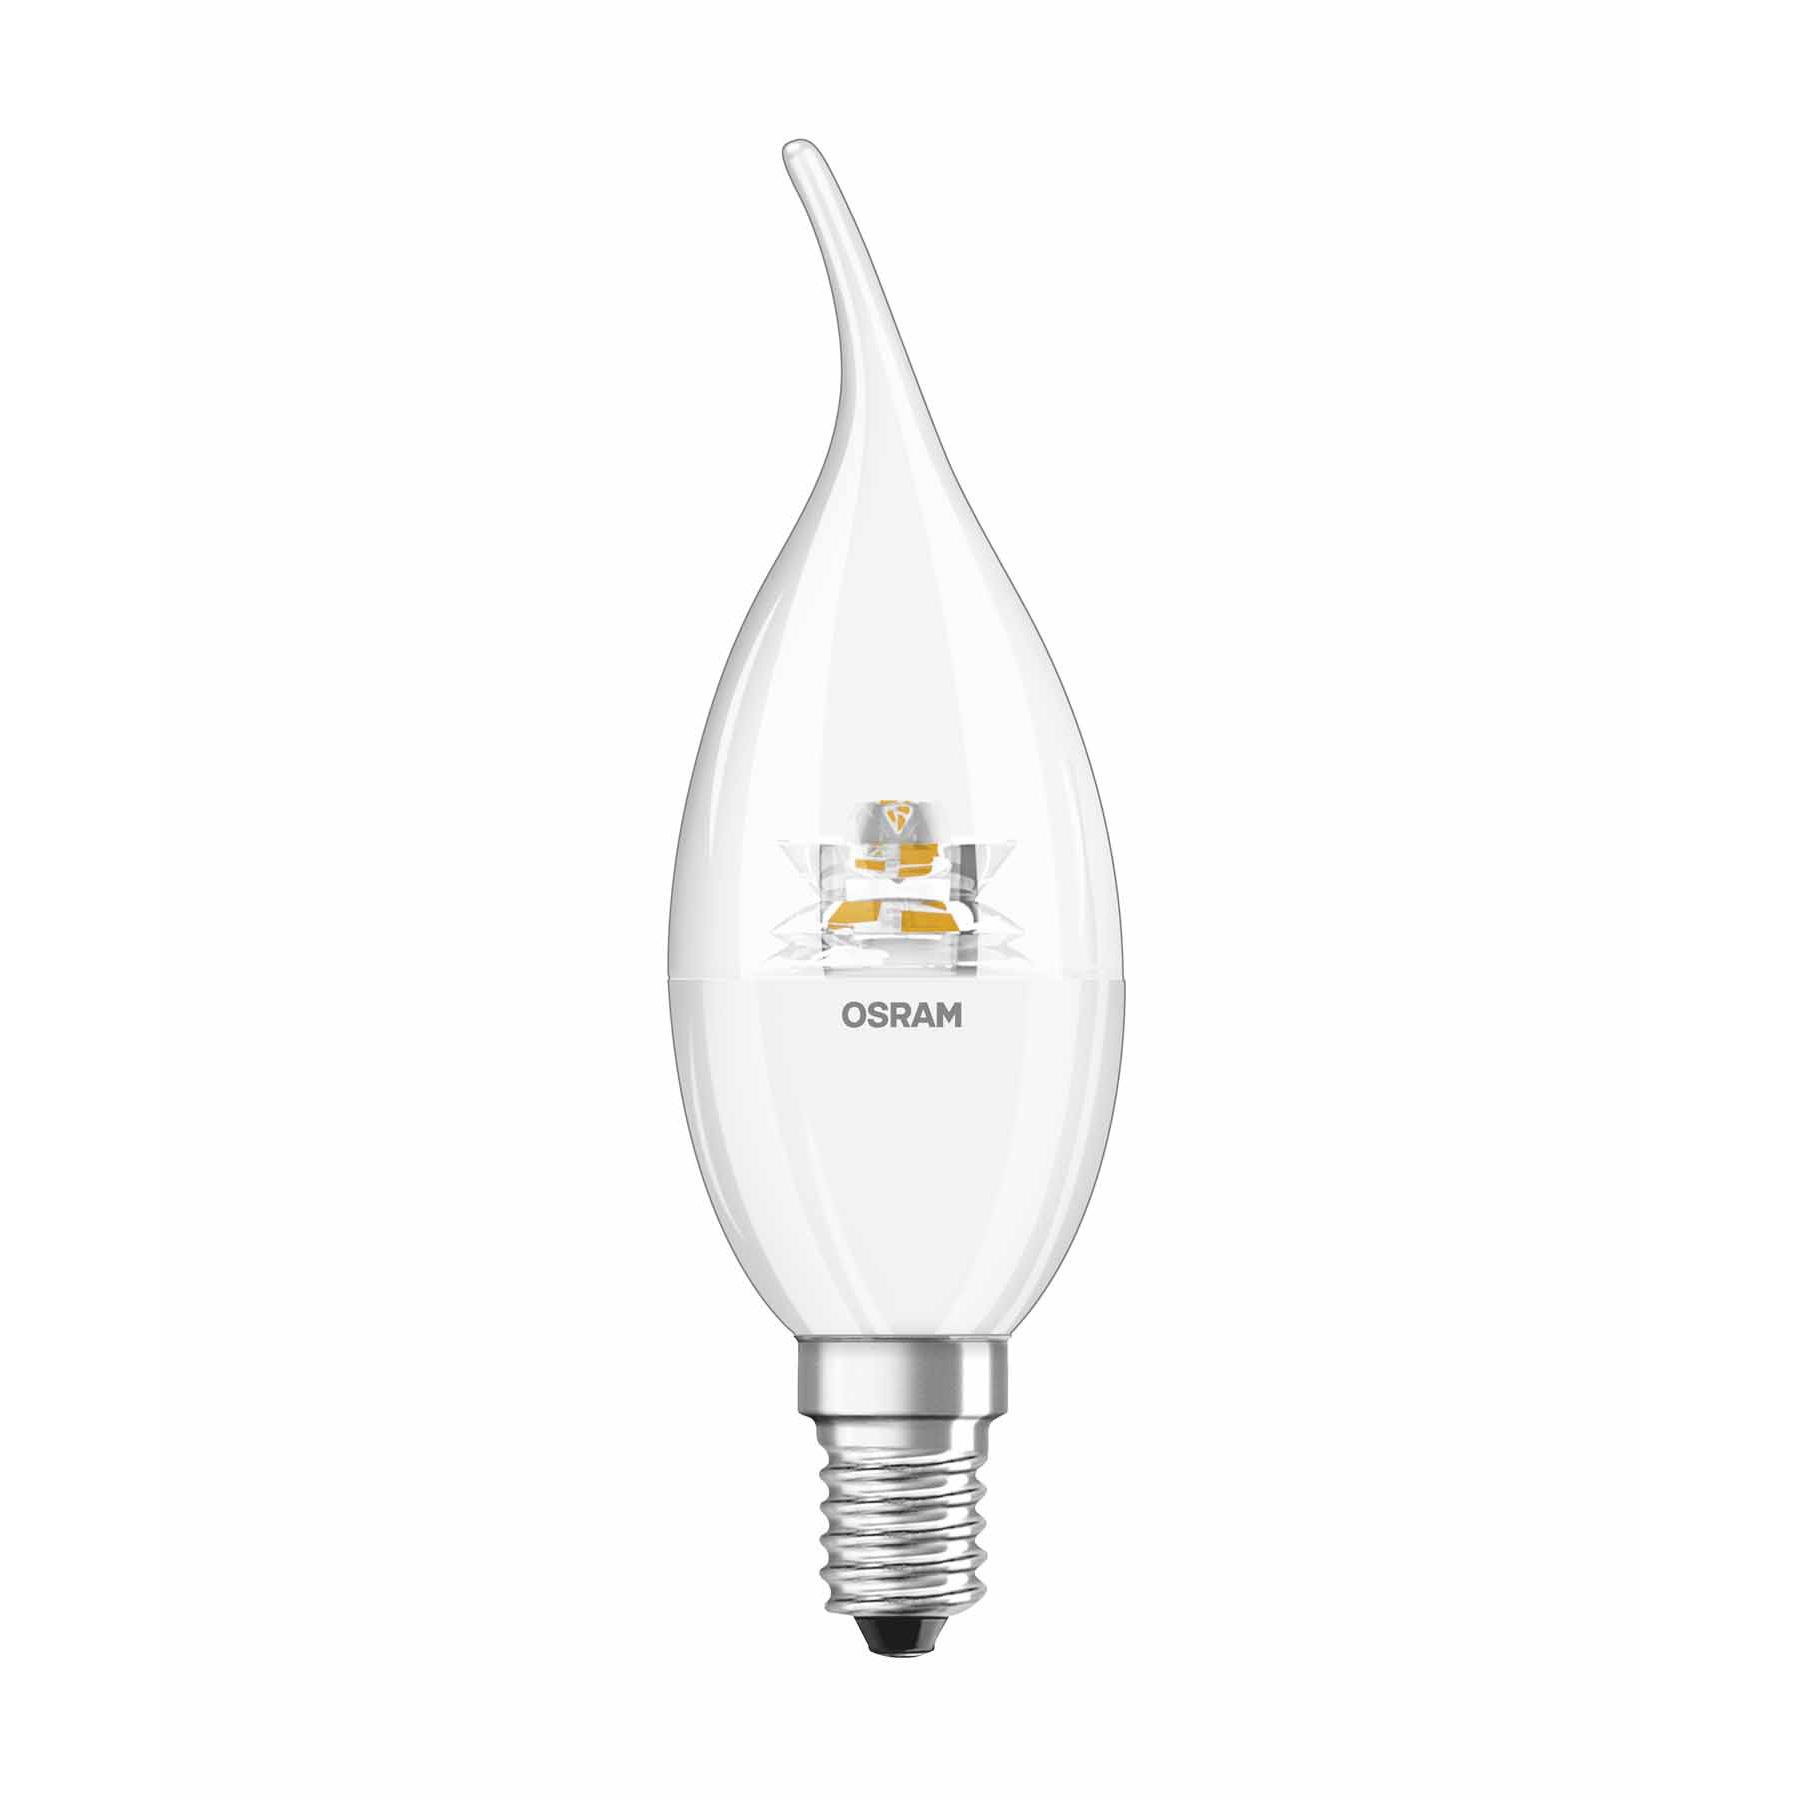 Led Lampen: Led Lampen Lebensdauer Test